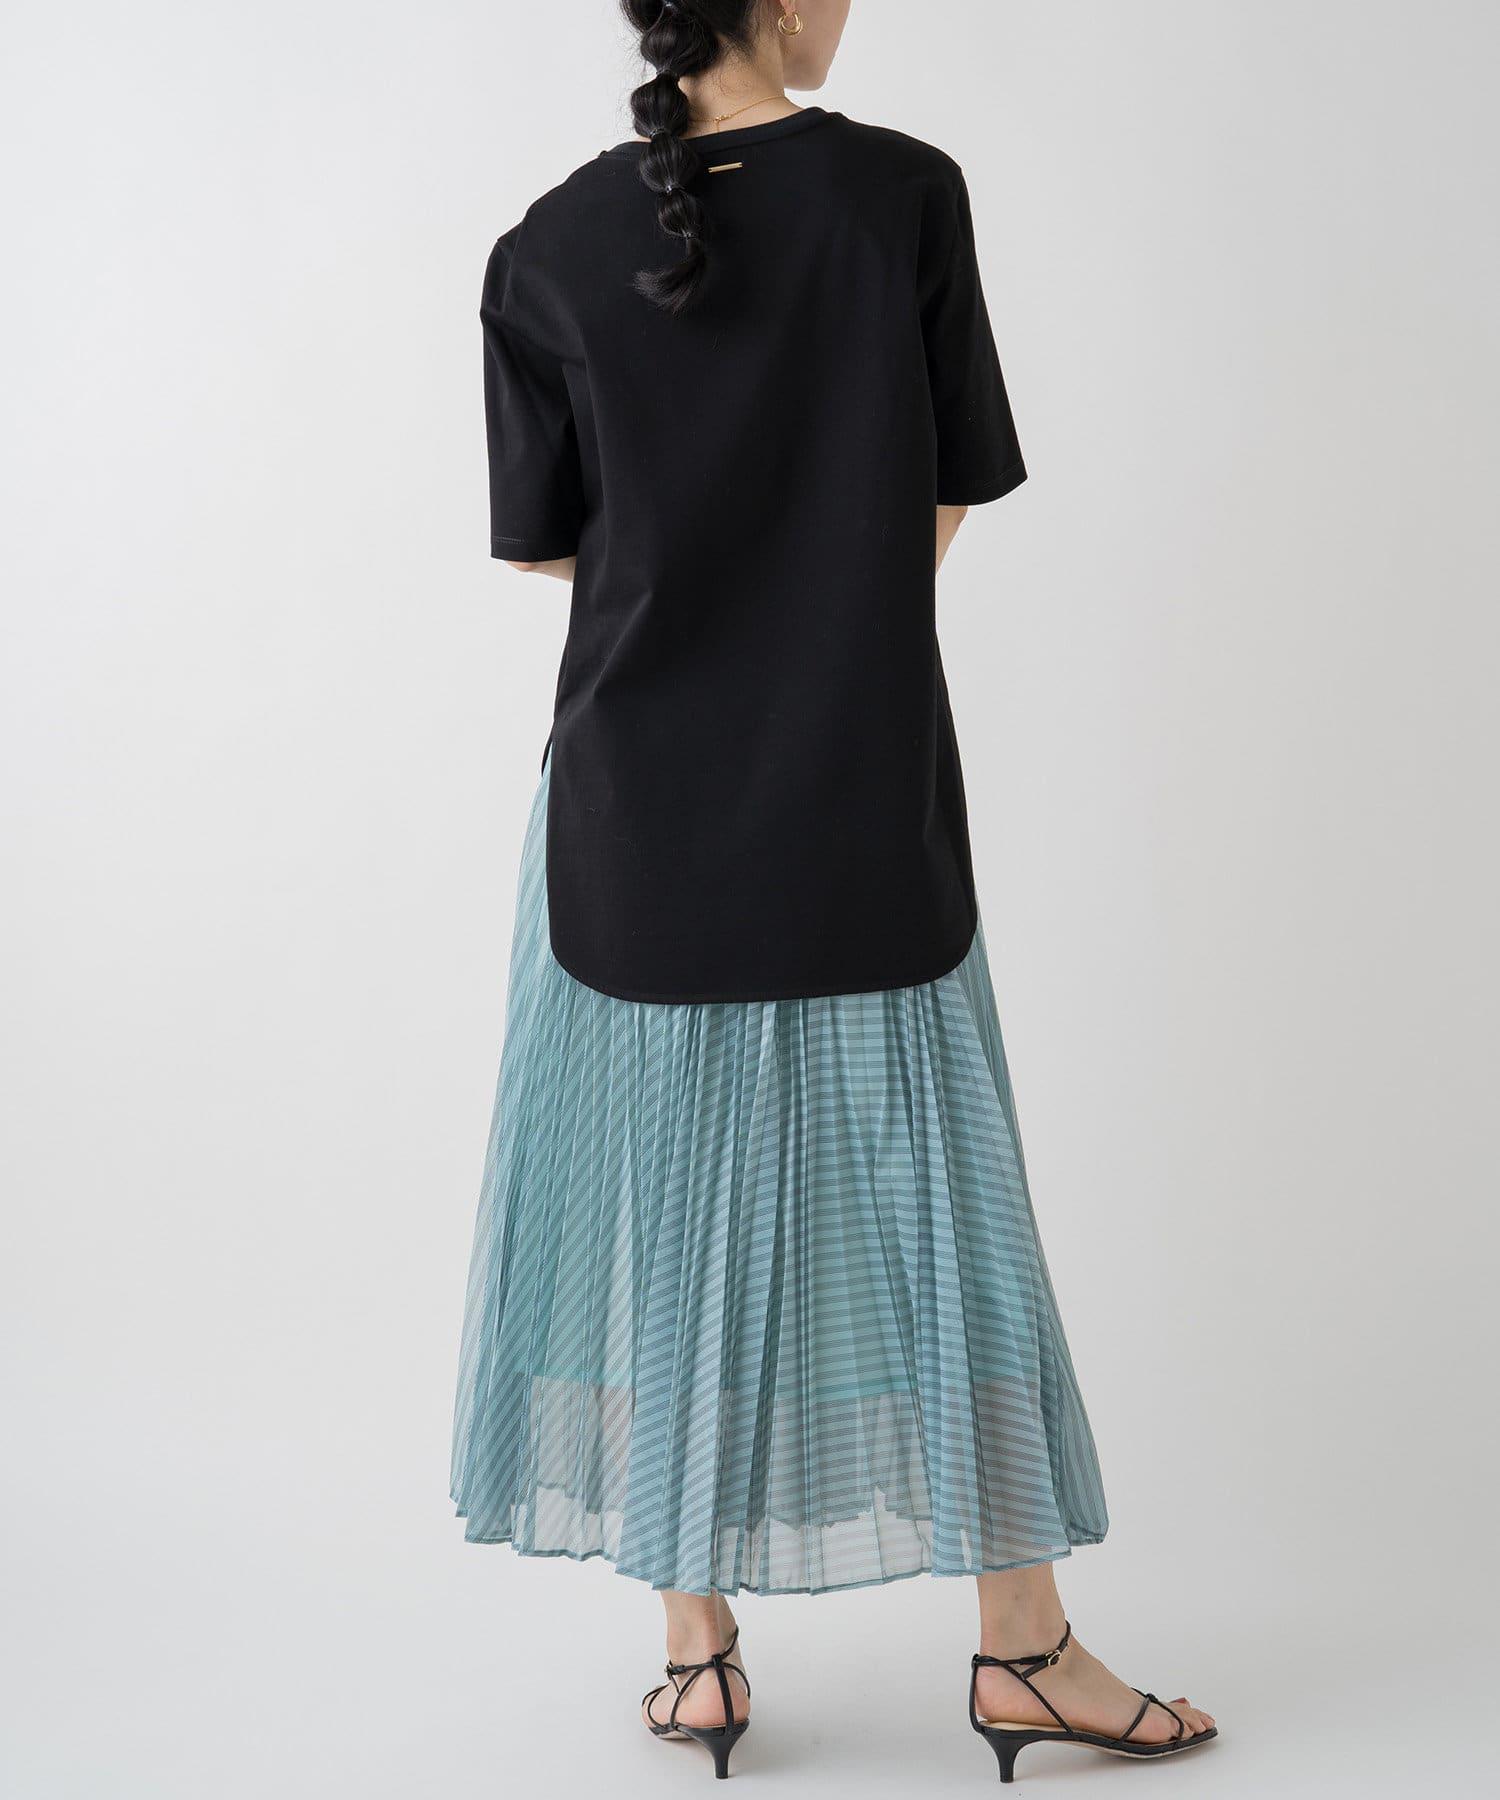 Loungedress(ラウンジドレス) ラウンドTシャツ